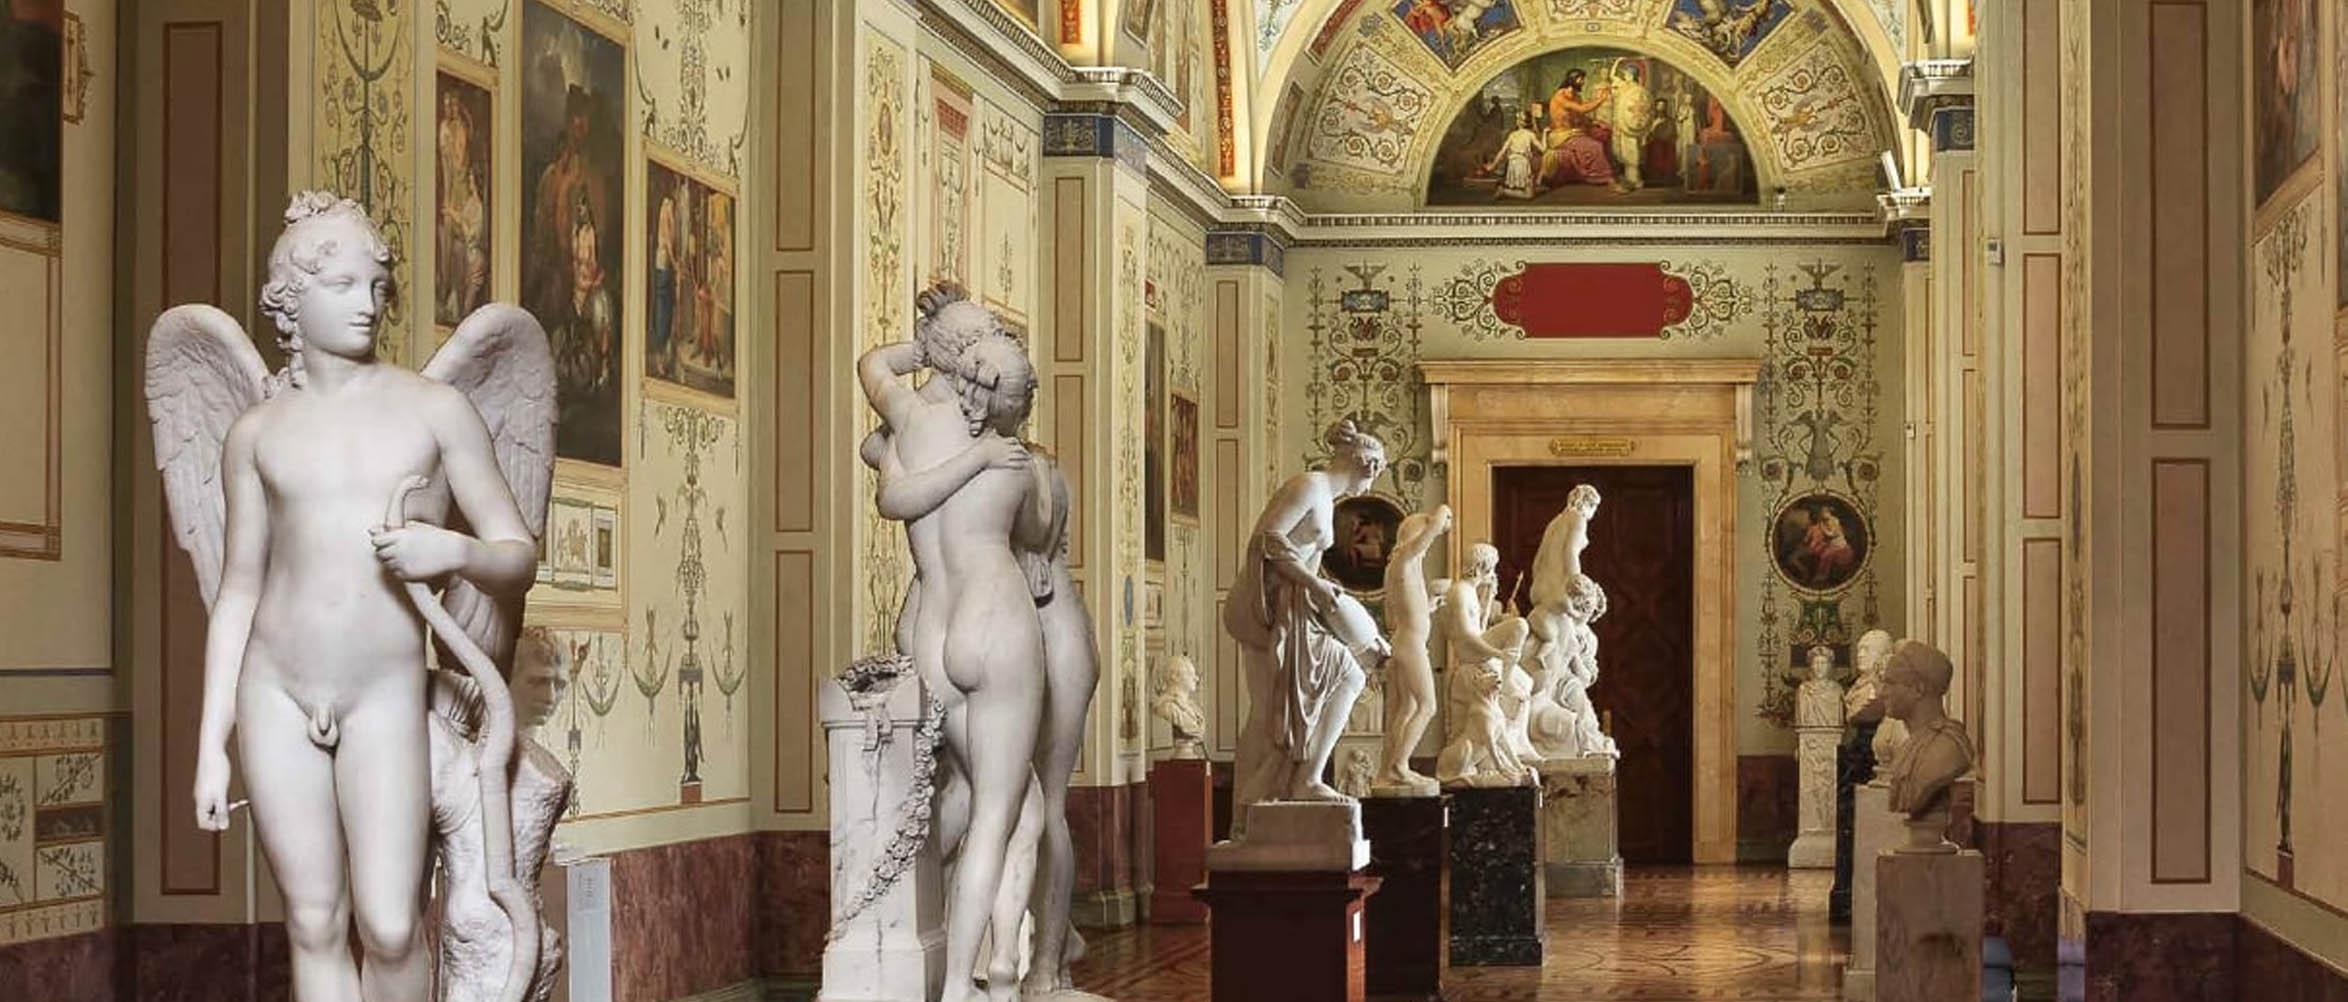 Hermitage. El poder del arte. Crítica del documental que llega a salas